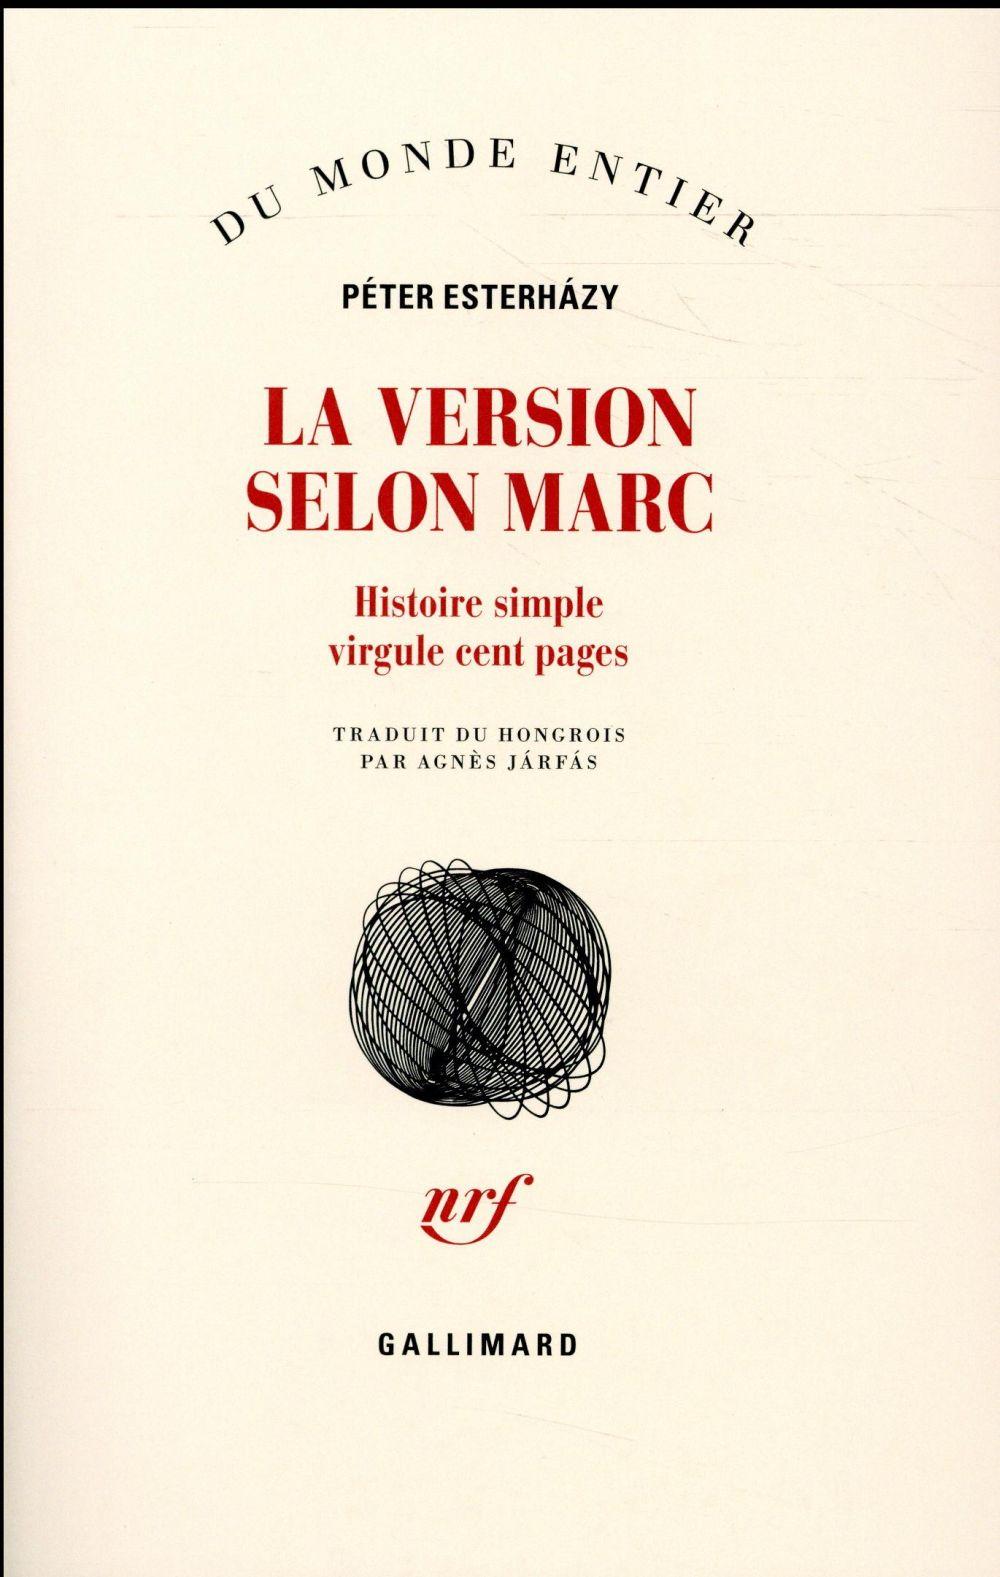 LA VERSION SELON MARC